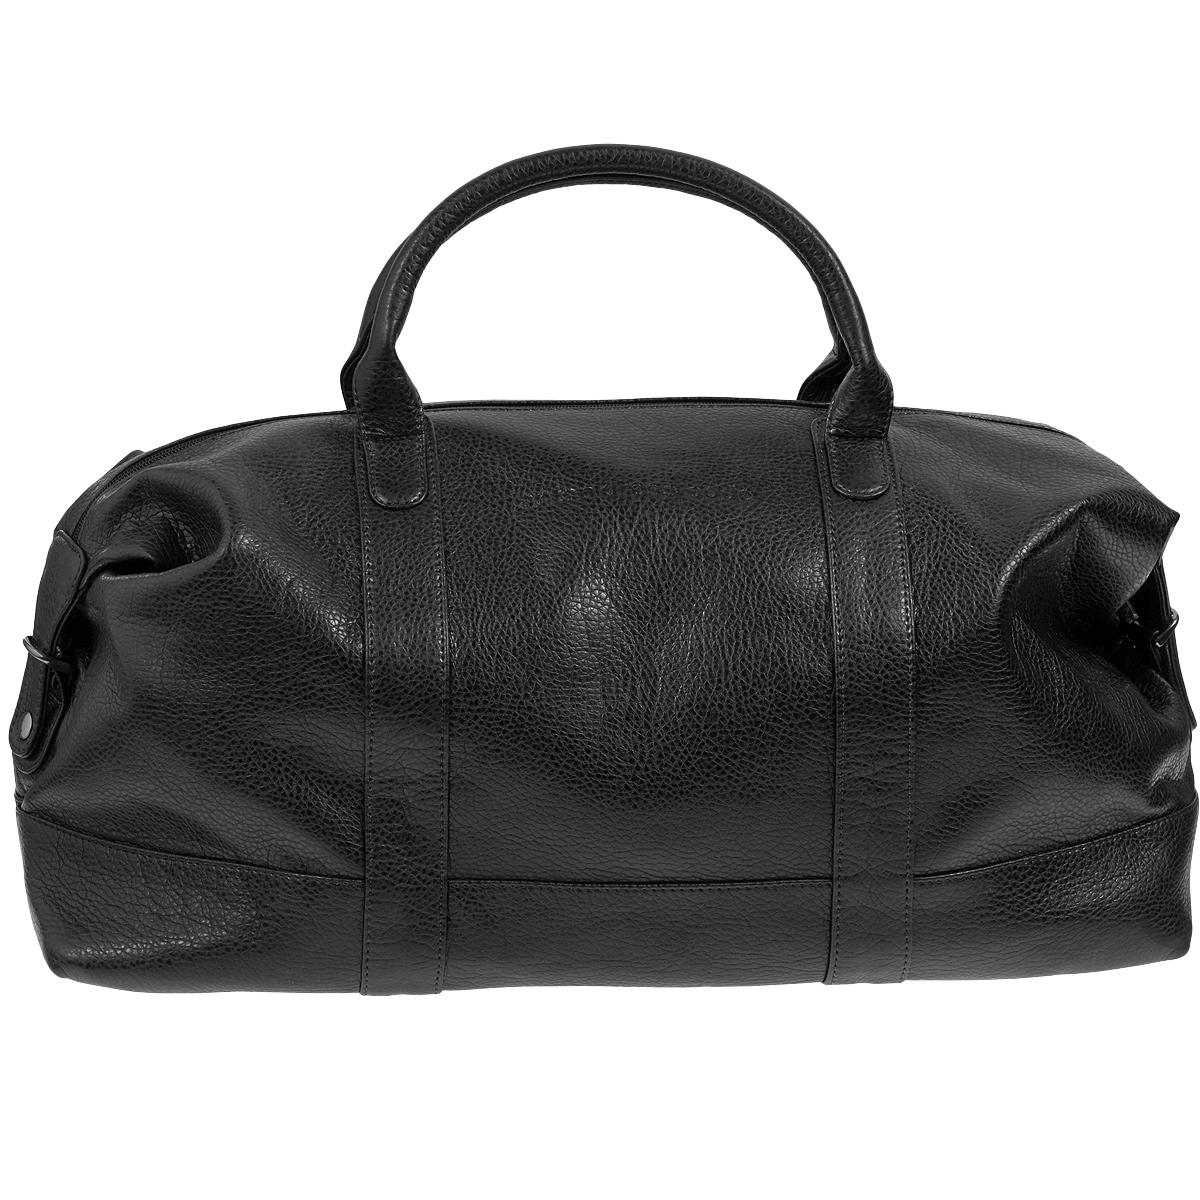 Сумка дорожная Antan, цвет: черный. 2-229 В101225Вместительная дорожная сумка Antan выполнена из искусственной кожи с фактурной поверхностью. Сумка имеет одно отделение, закрывающееся на застежку-молнию. Внутри - вшитый карман на молнии. С внешней стороны на задней стенке сумки предусмотрен дополнительный карман на молнии.Сумка оснащена двумя удобными ручками и съемным плечевым ремнем регулируемой длины. Такая сумка будет незаменима при походе в спортзал, а также может использоваться в качестве ручной клади во время путешествия.